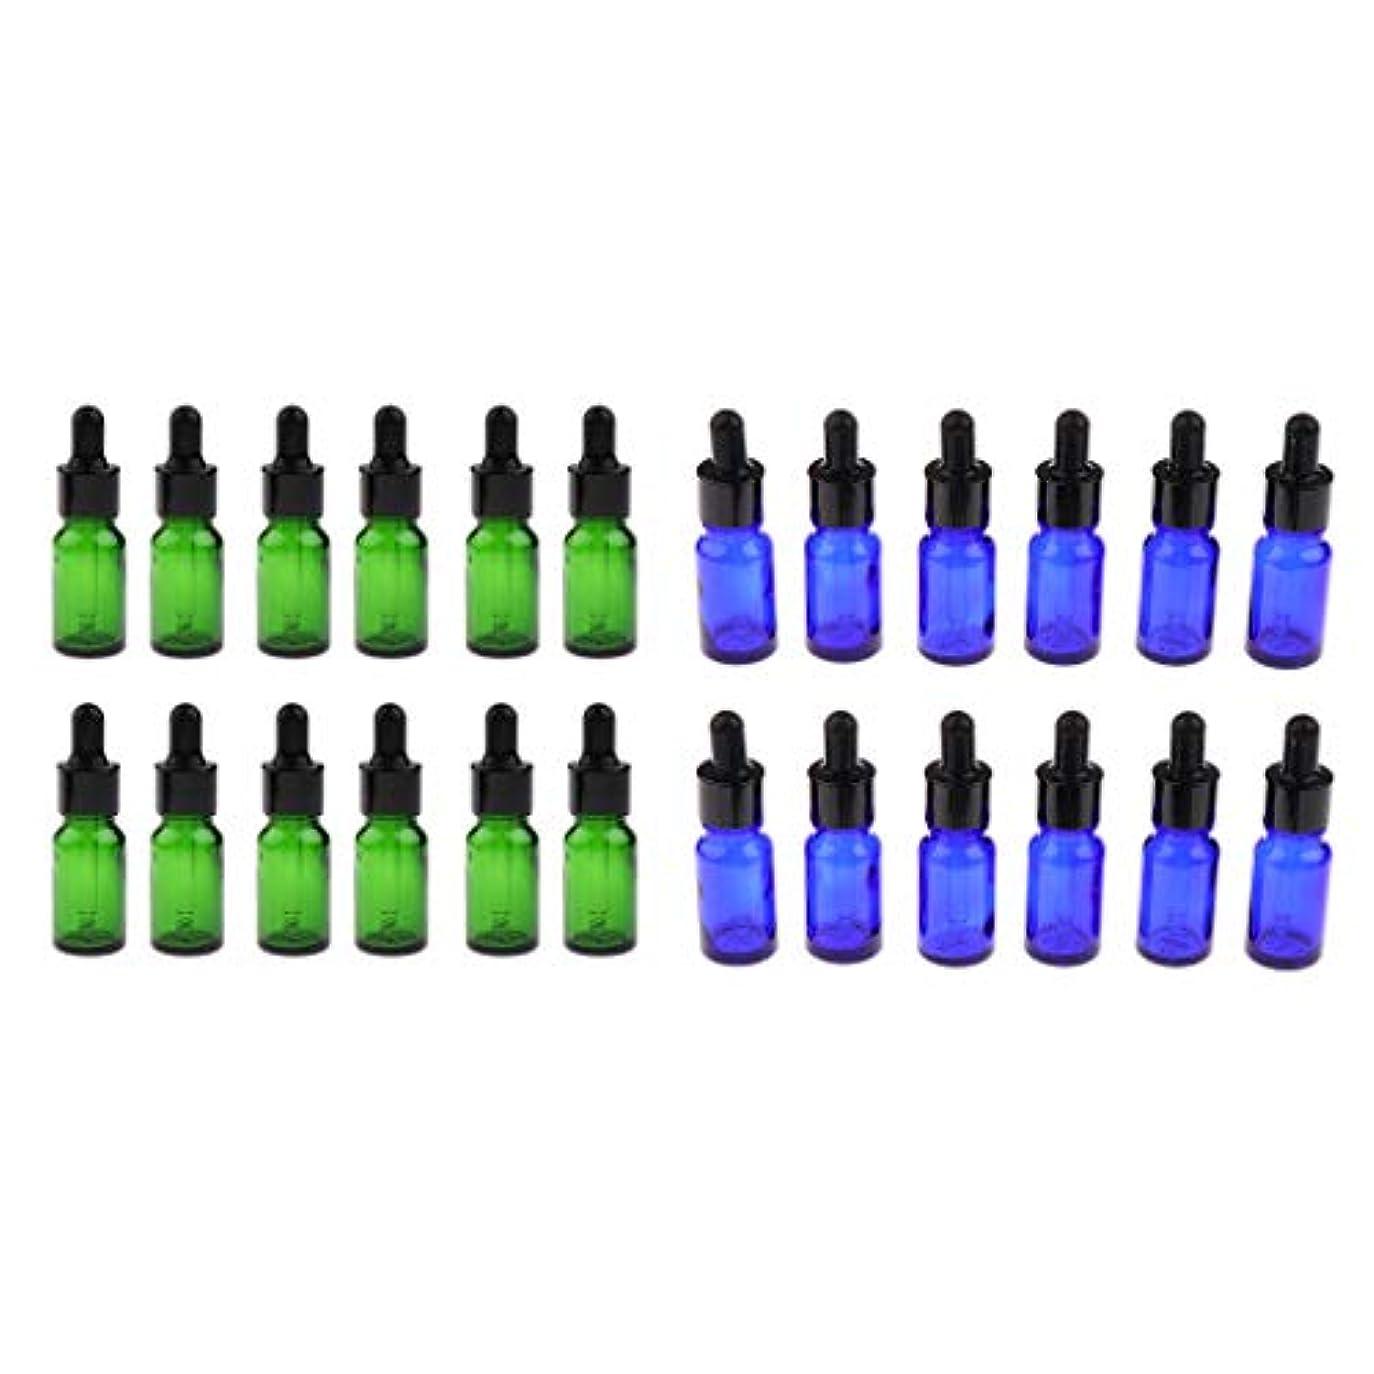 出くわす習慣ライオンガラス瓶 アロマボトル 遮光ビン 精油瓶 5ml 10ml 詰替え容器 化粧ボトル 約24個